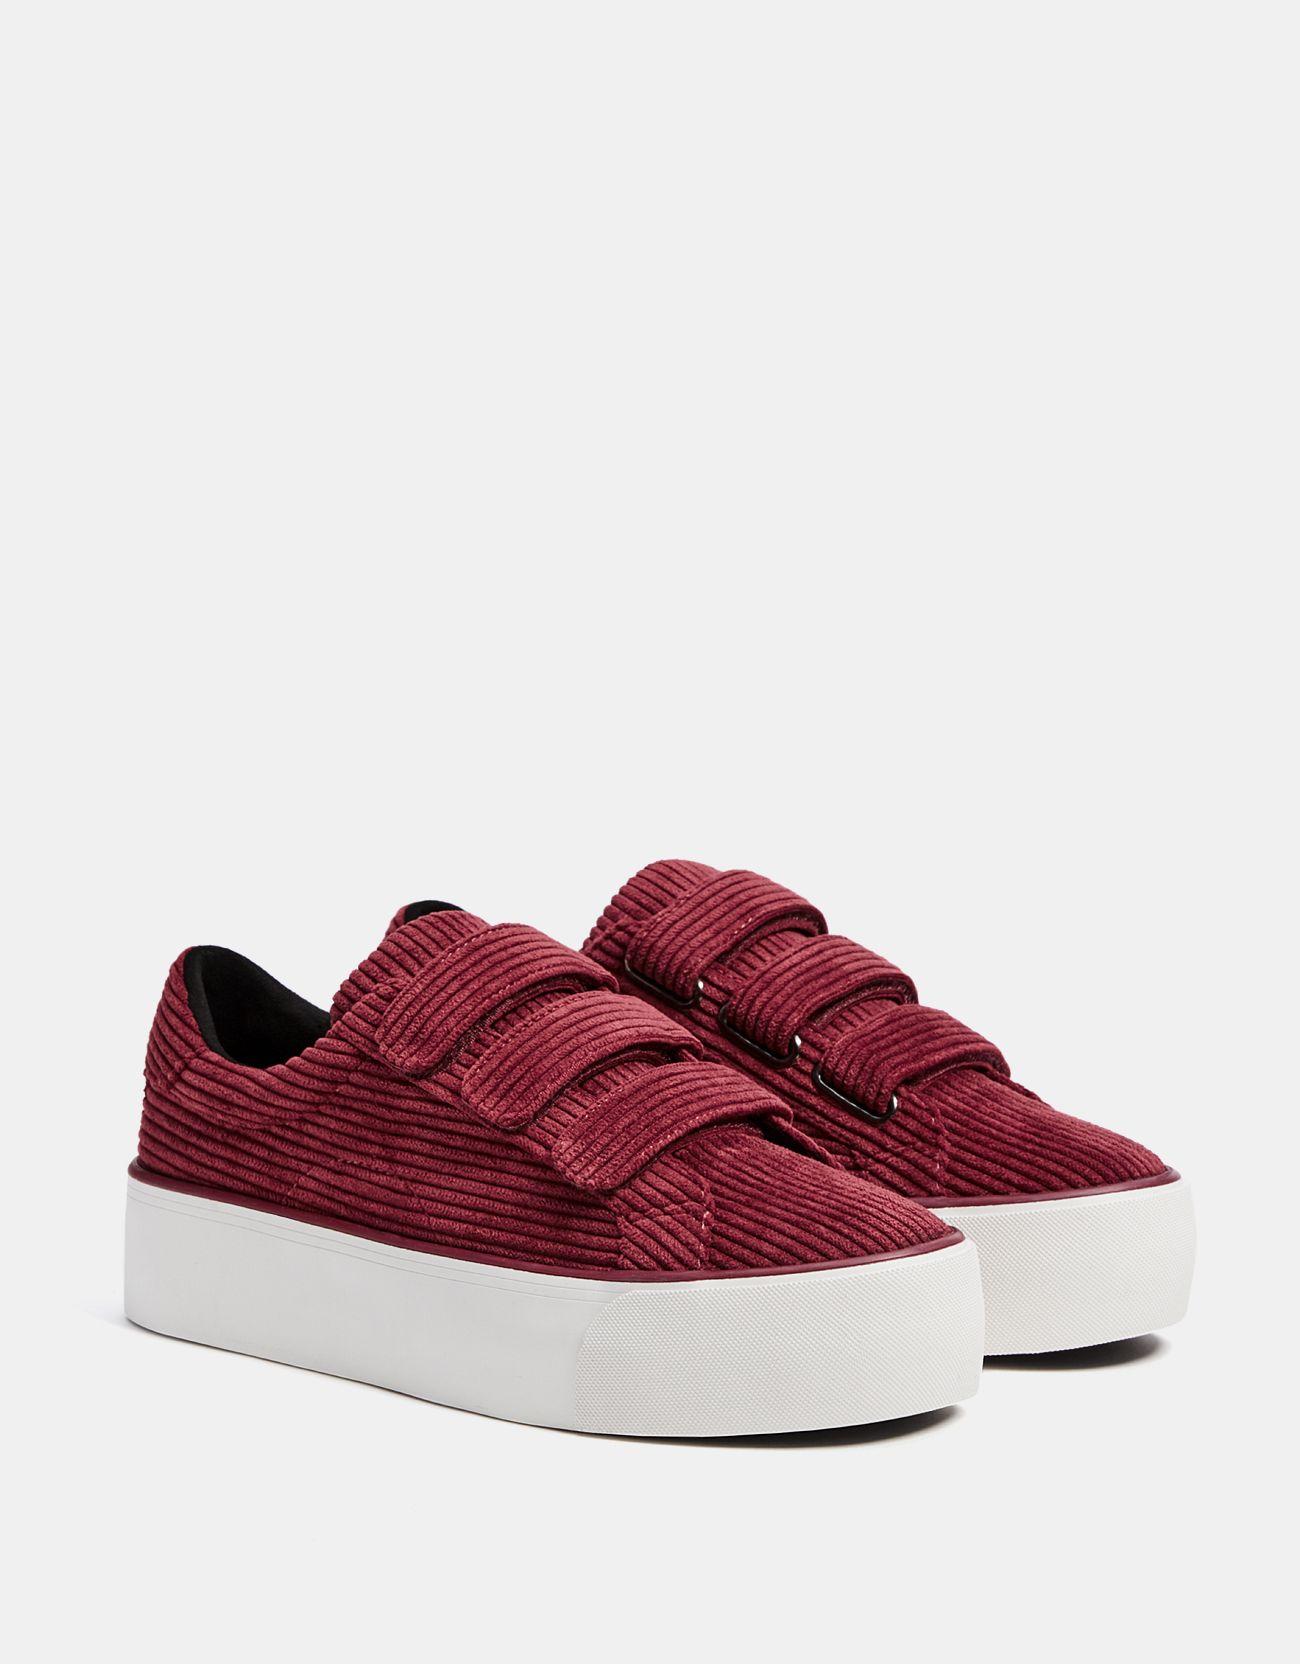 Sneakers, Best sneakers